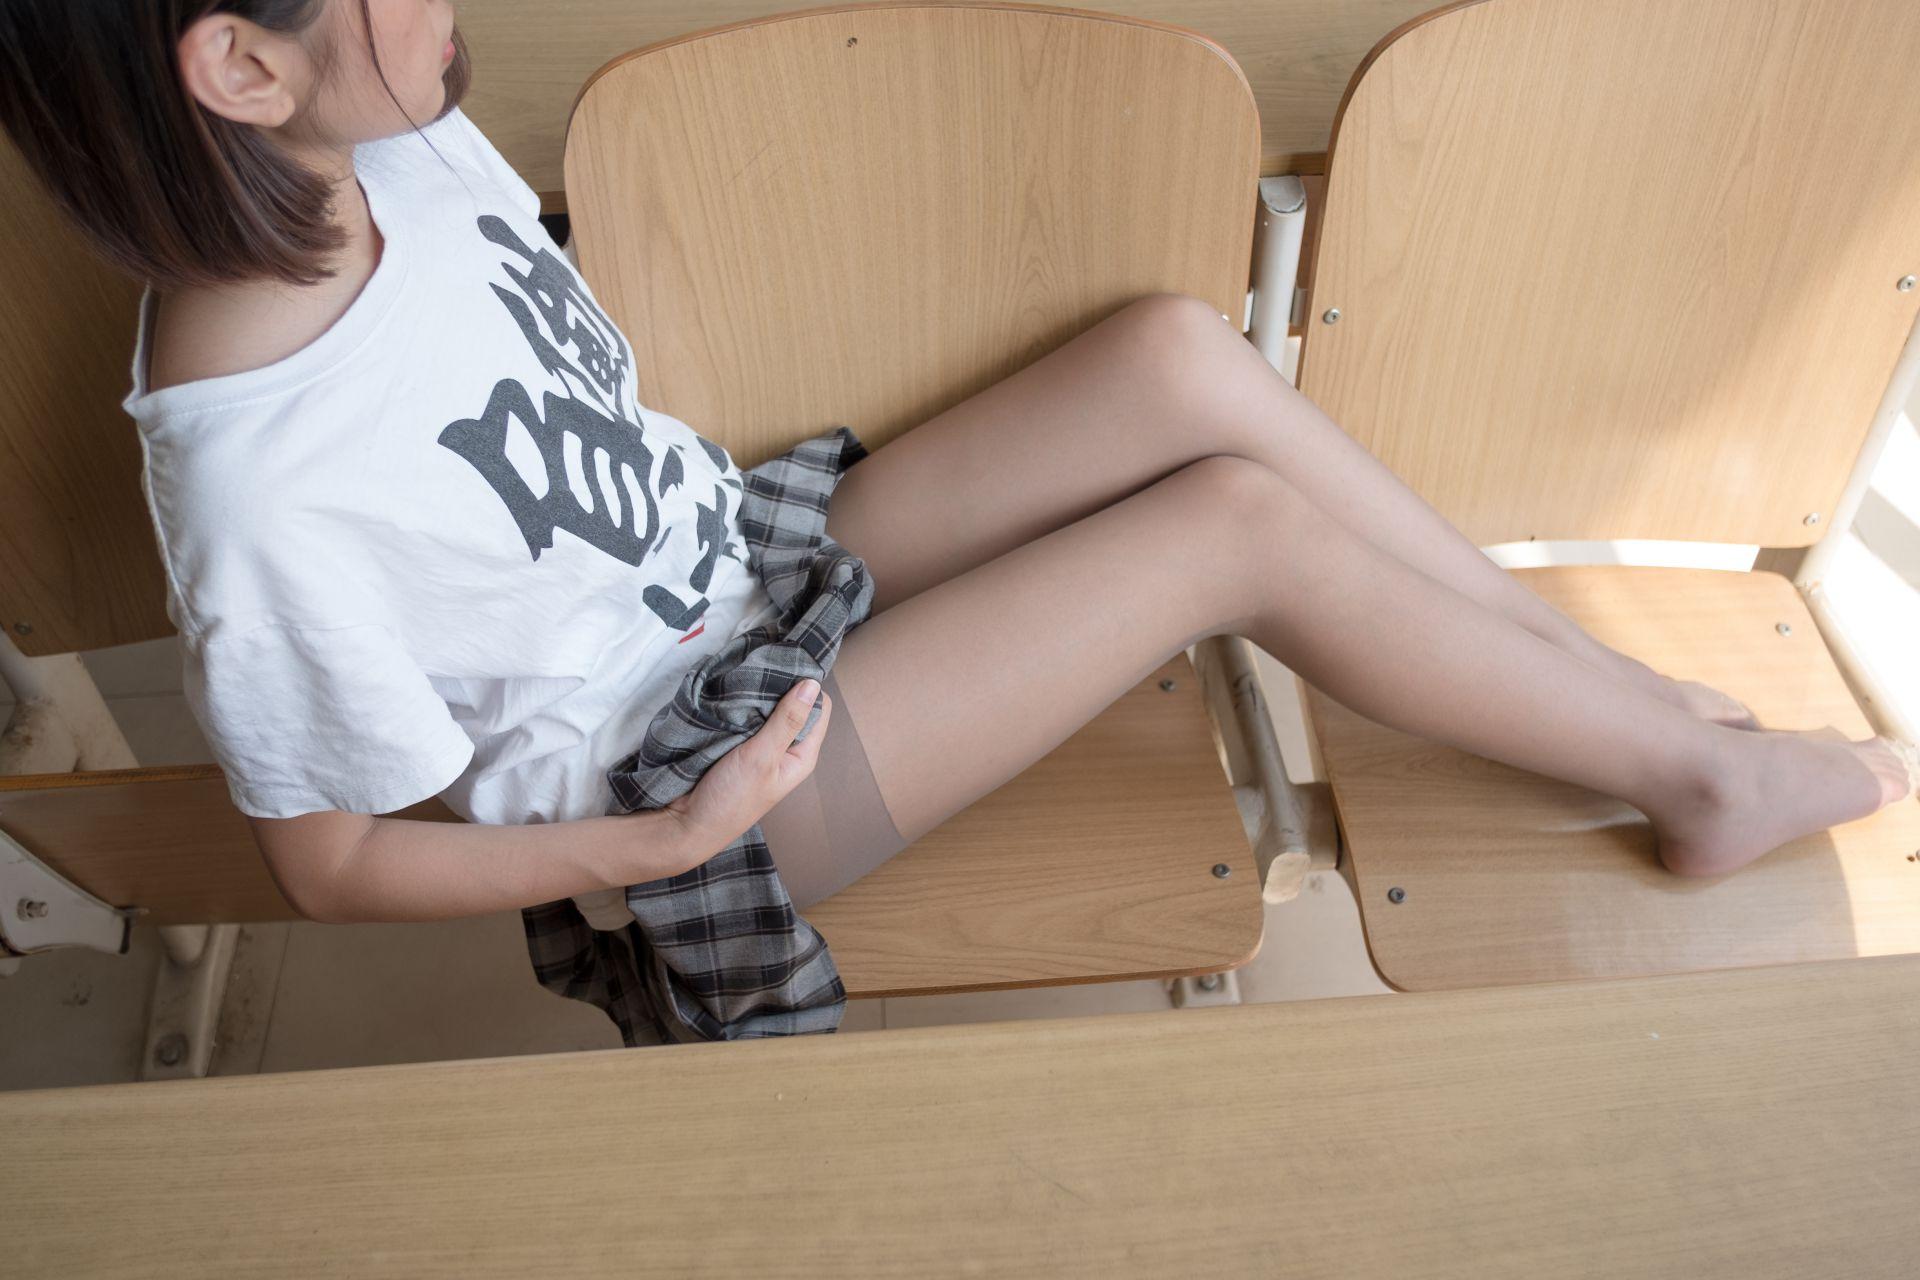 【森萝财团】森萝财团写真 - R15-037 教室灰丝美脚 [120P-702MB] R15系列 第4张